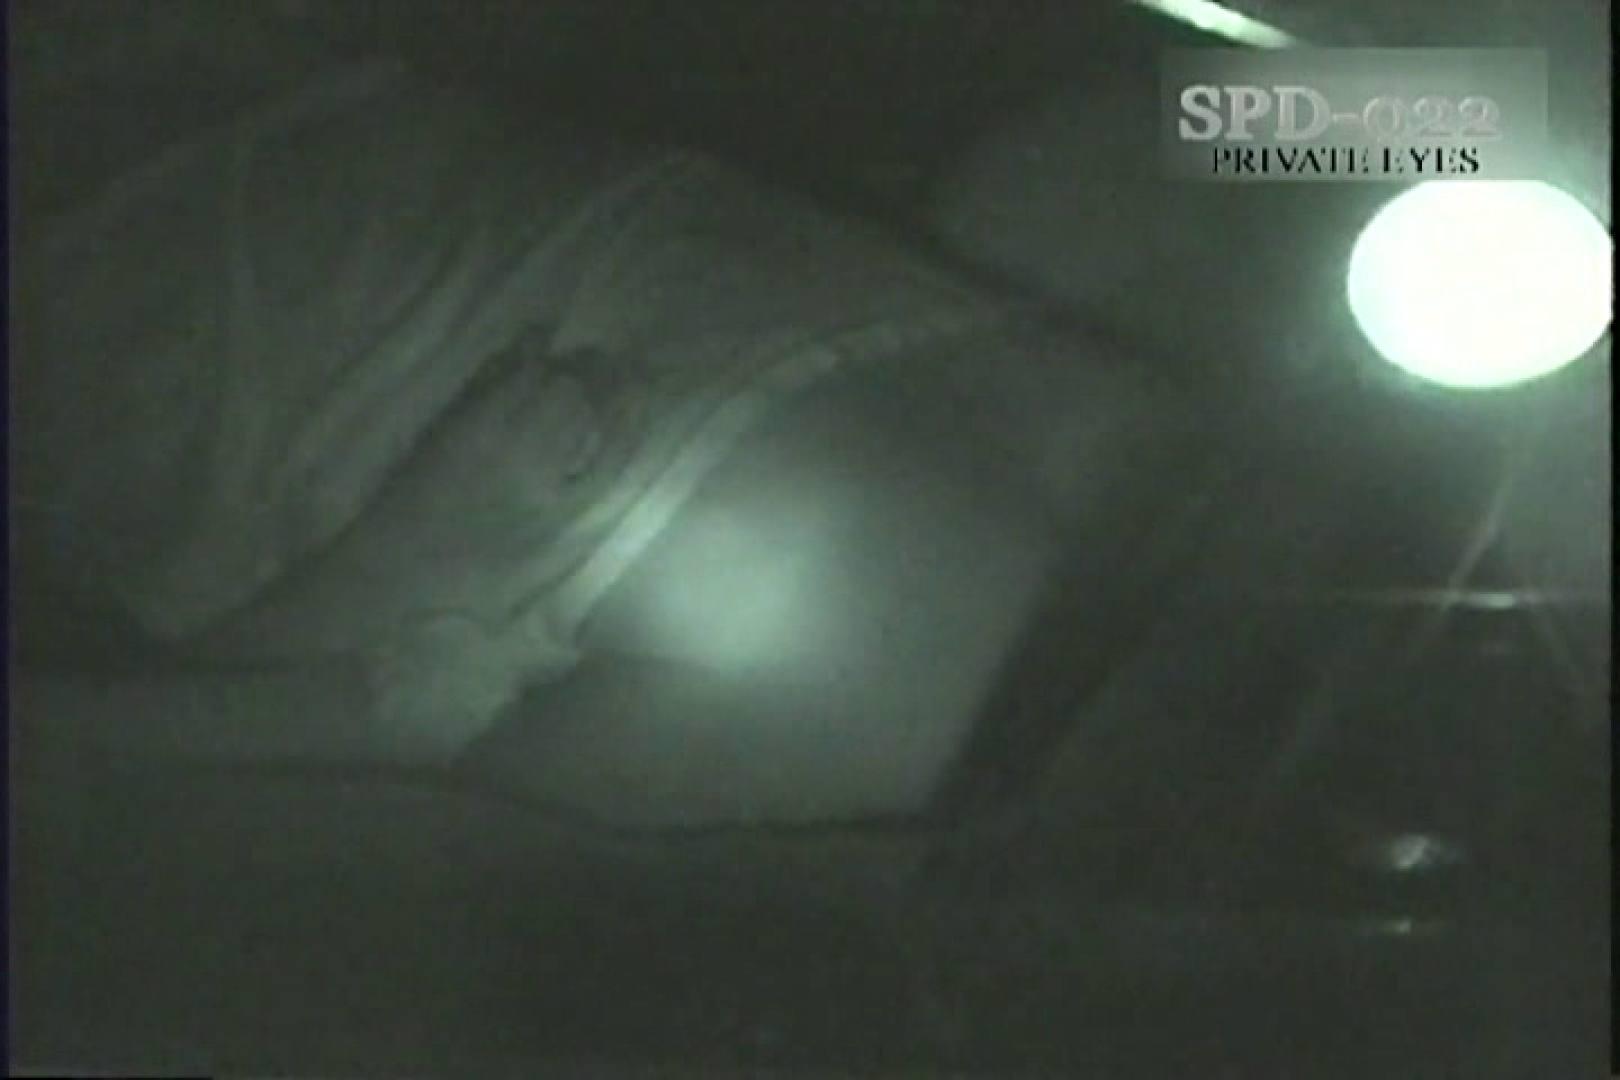 高画質版!SPD-022 盗撮 カーセックス黙示録 2 セックスエロ動画  86PIX 12